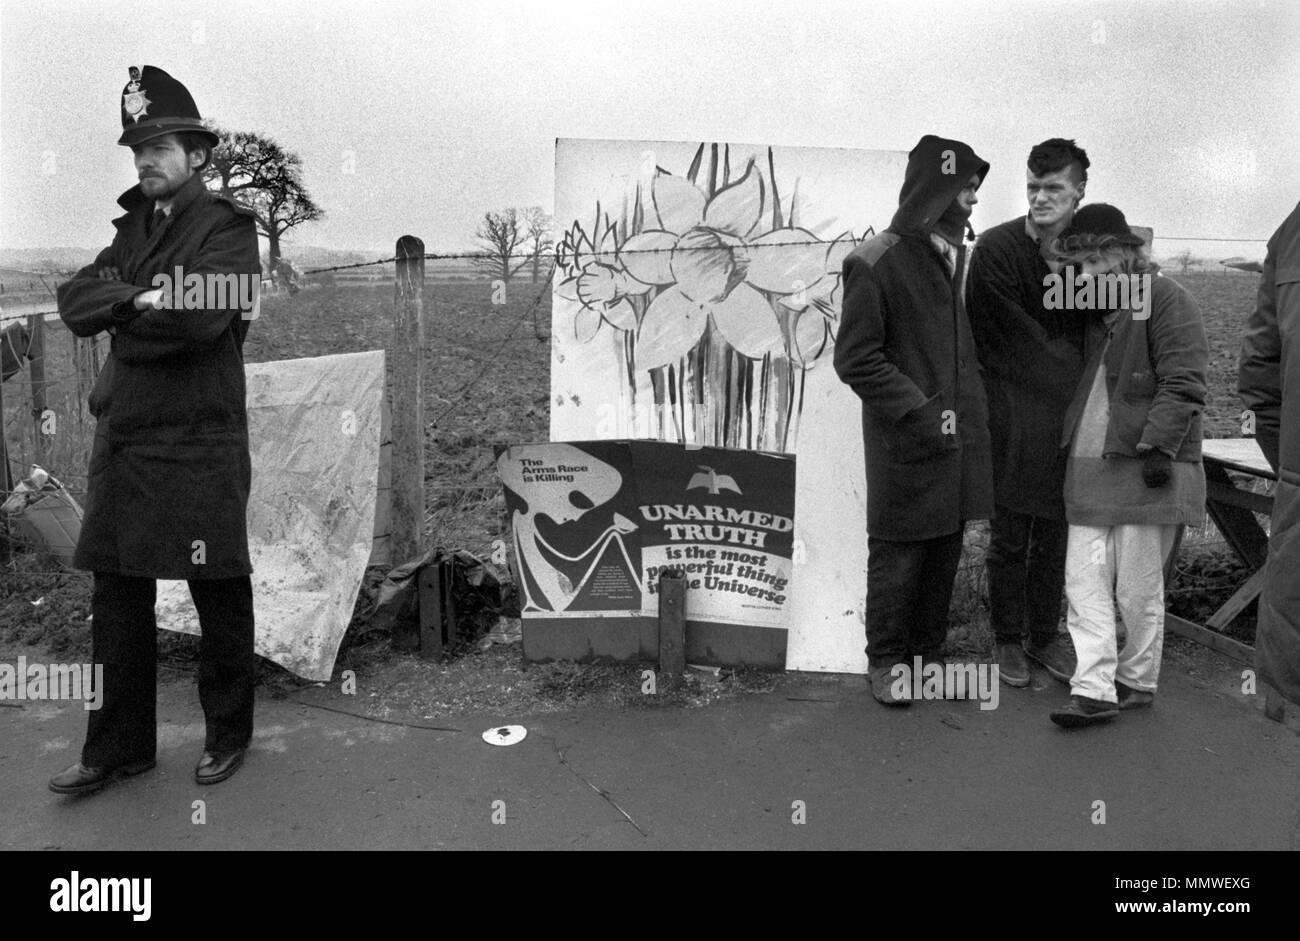 Greenham Common Womens Accampamento della Pace, 1985, persone che protestano. Anni ottanta Uk HOMER SYKES Immagini Stock